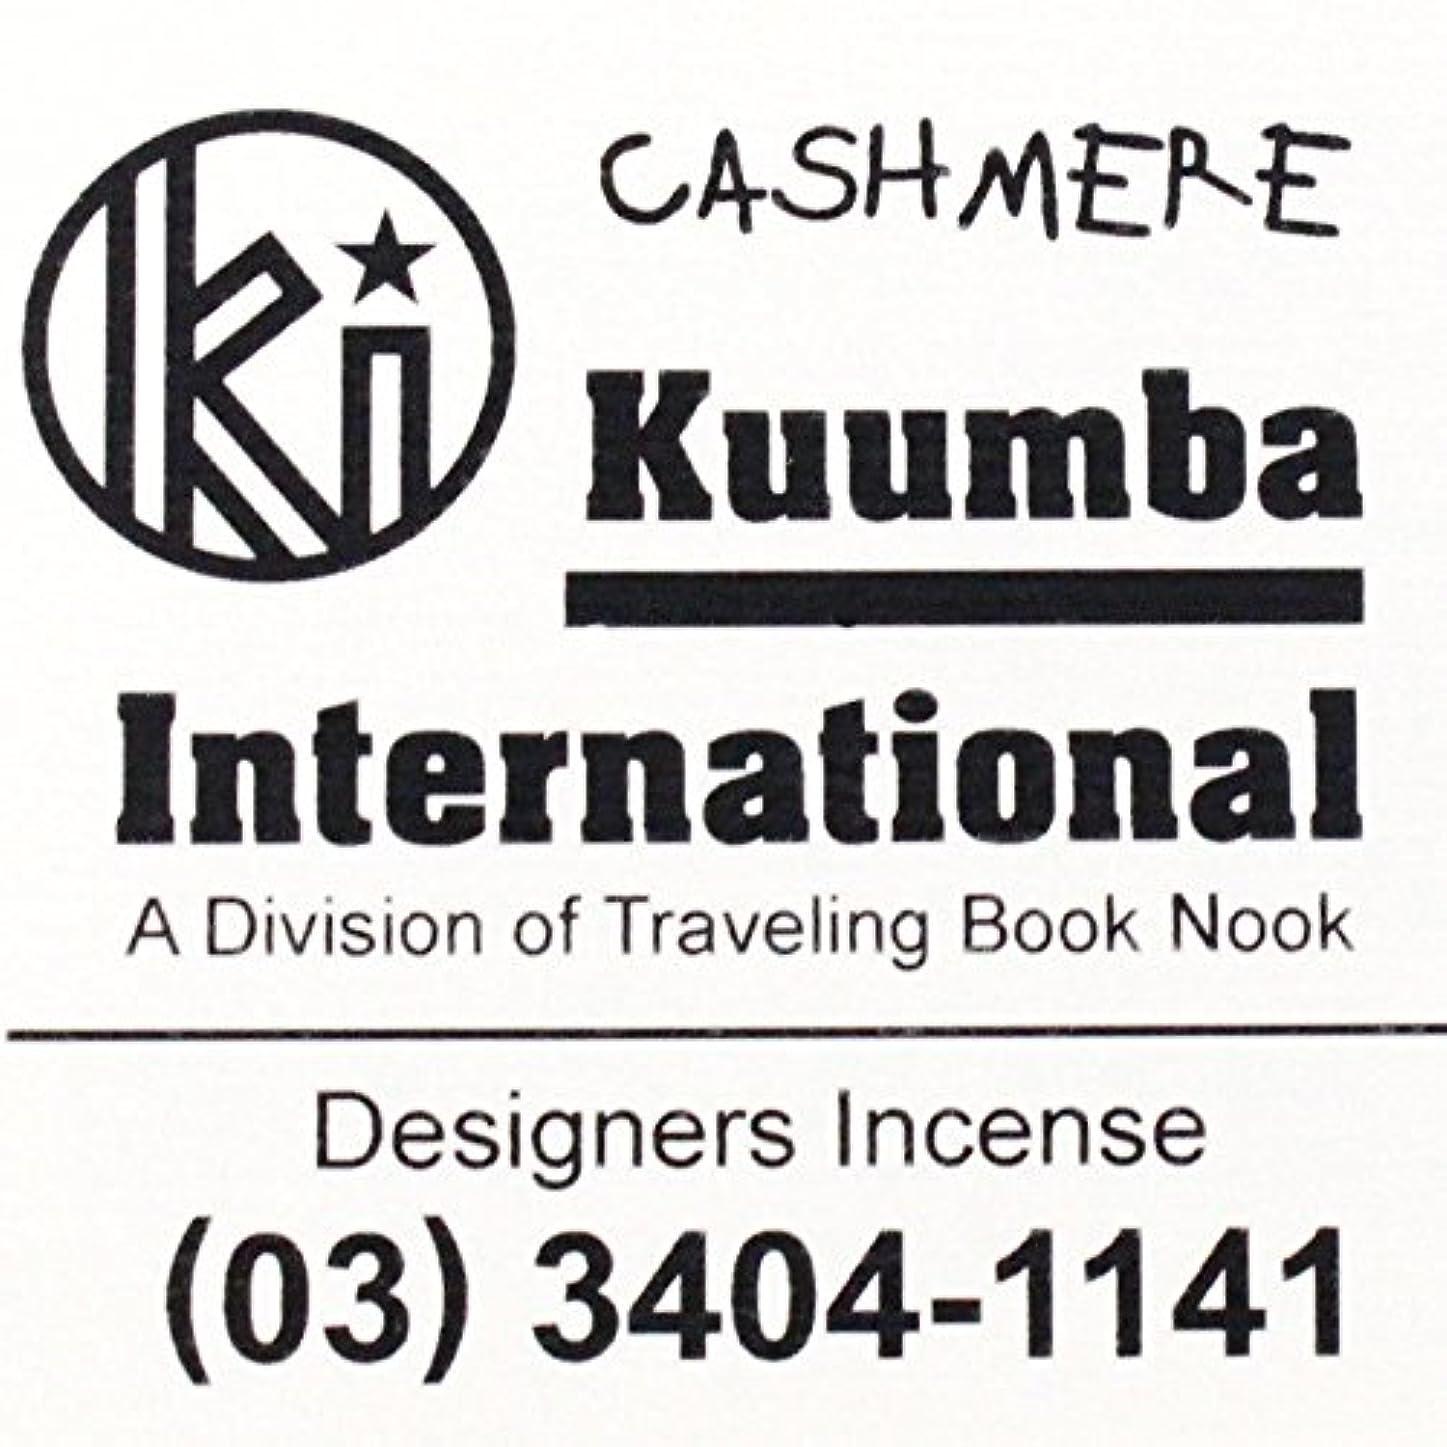 困惑インタラクション枠(クンバ) KUUMBA『incense』(CASHMERE) (Regular size)